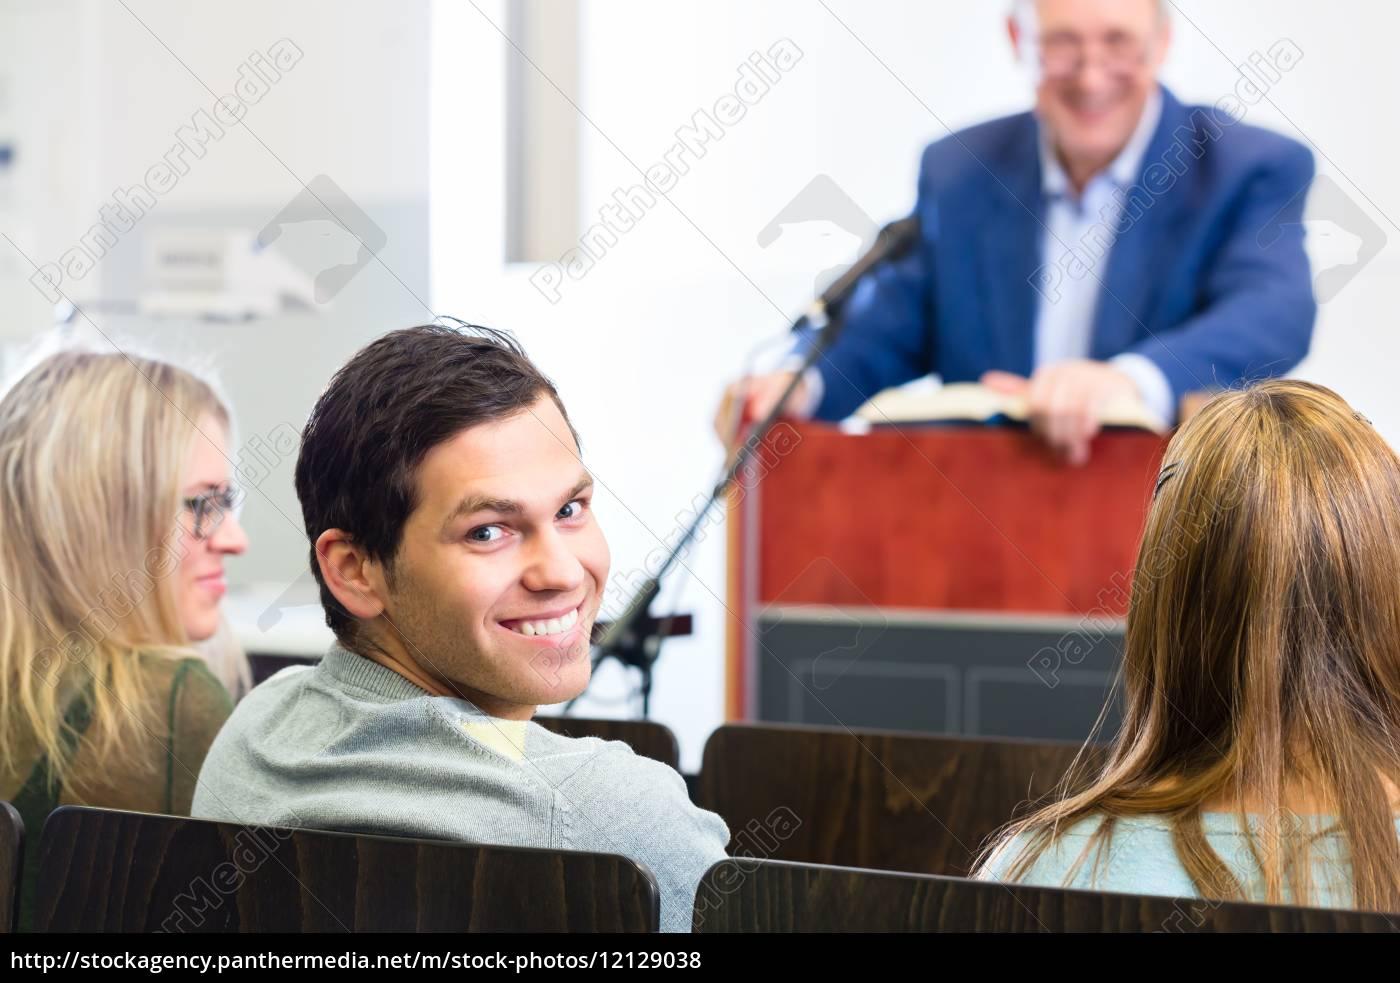 studenci, w, sali, wykładowej, uniwersytetu - 12129038